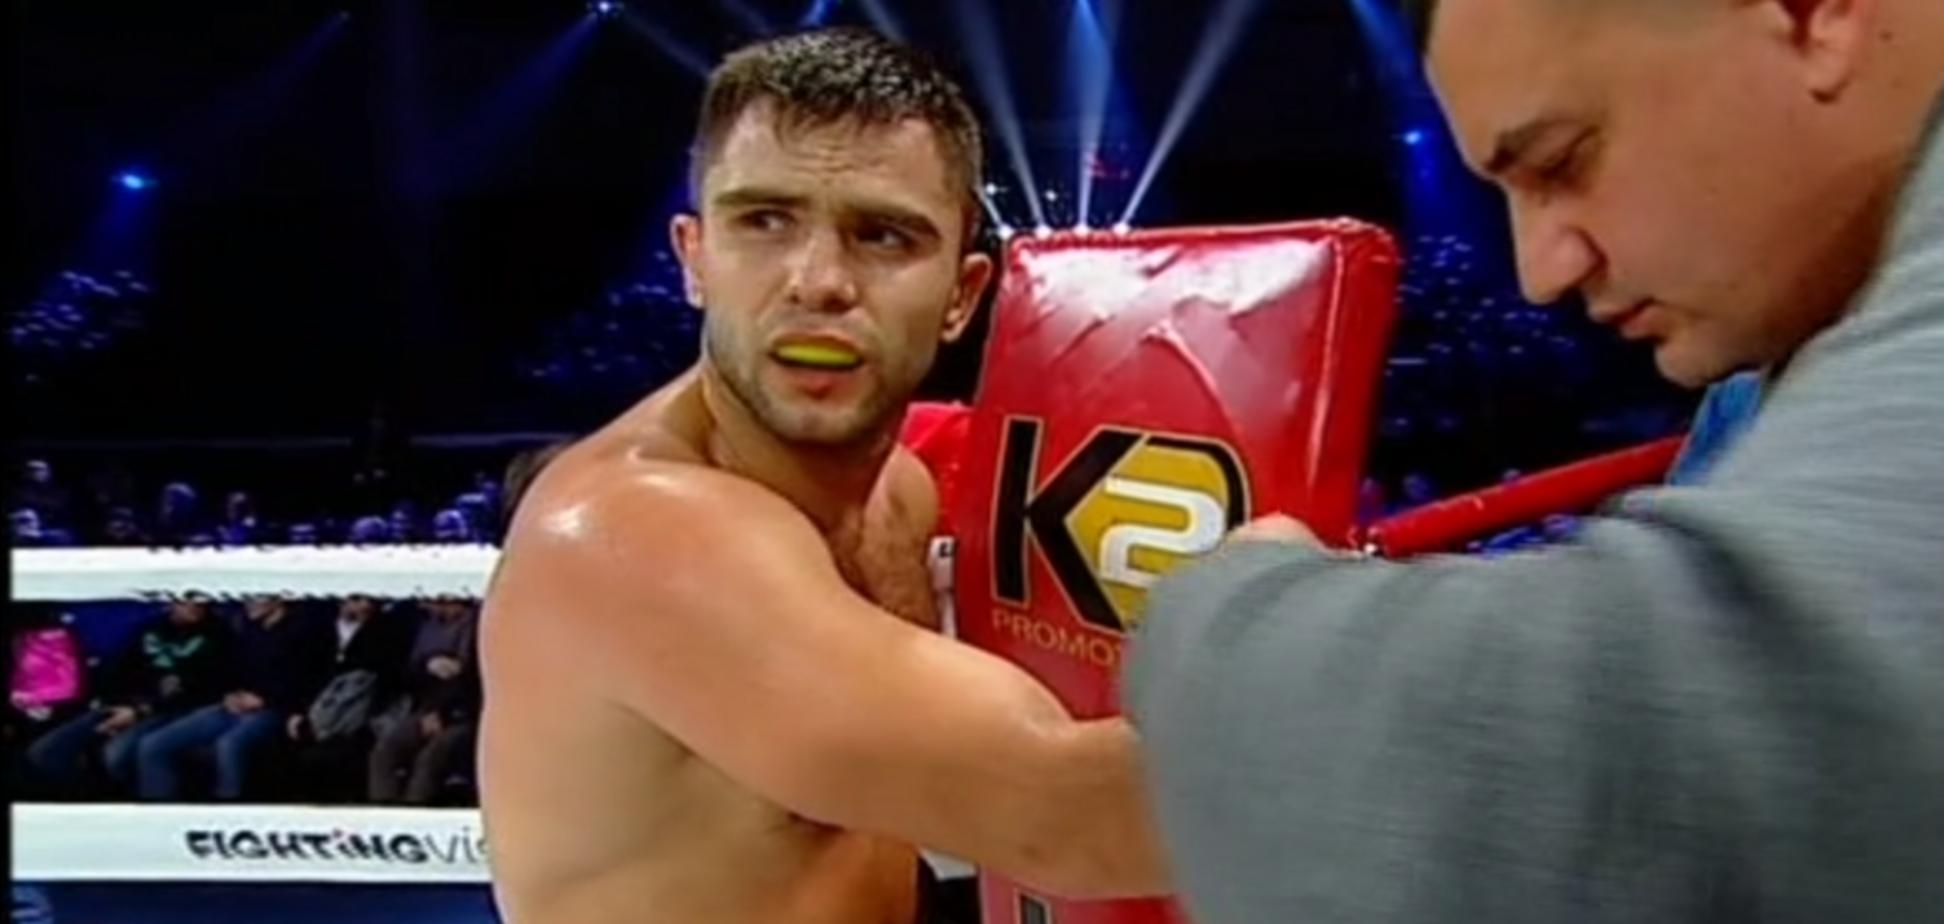 Непереможений український боксер ефектно нокаутував суперника